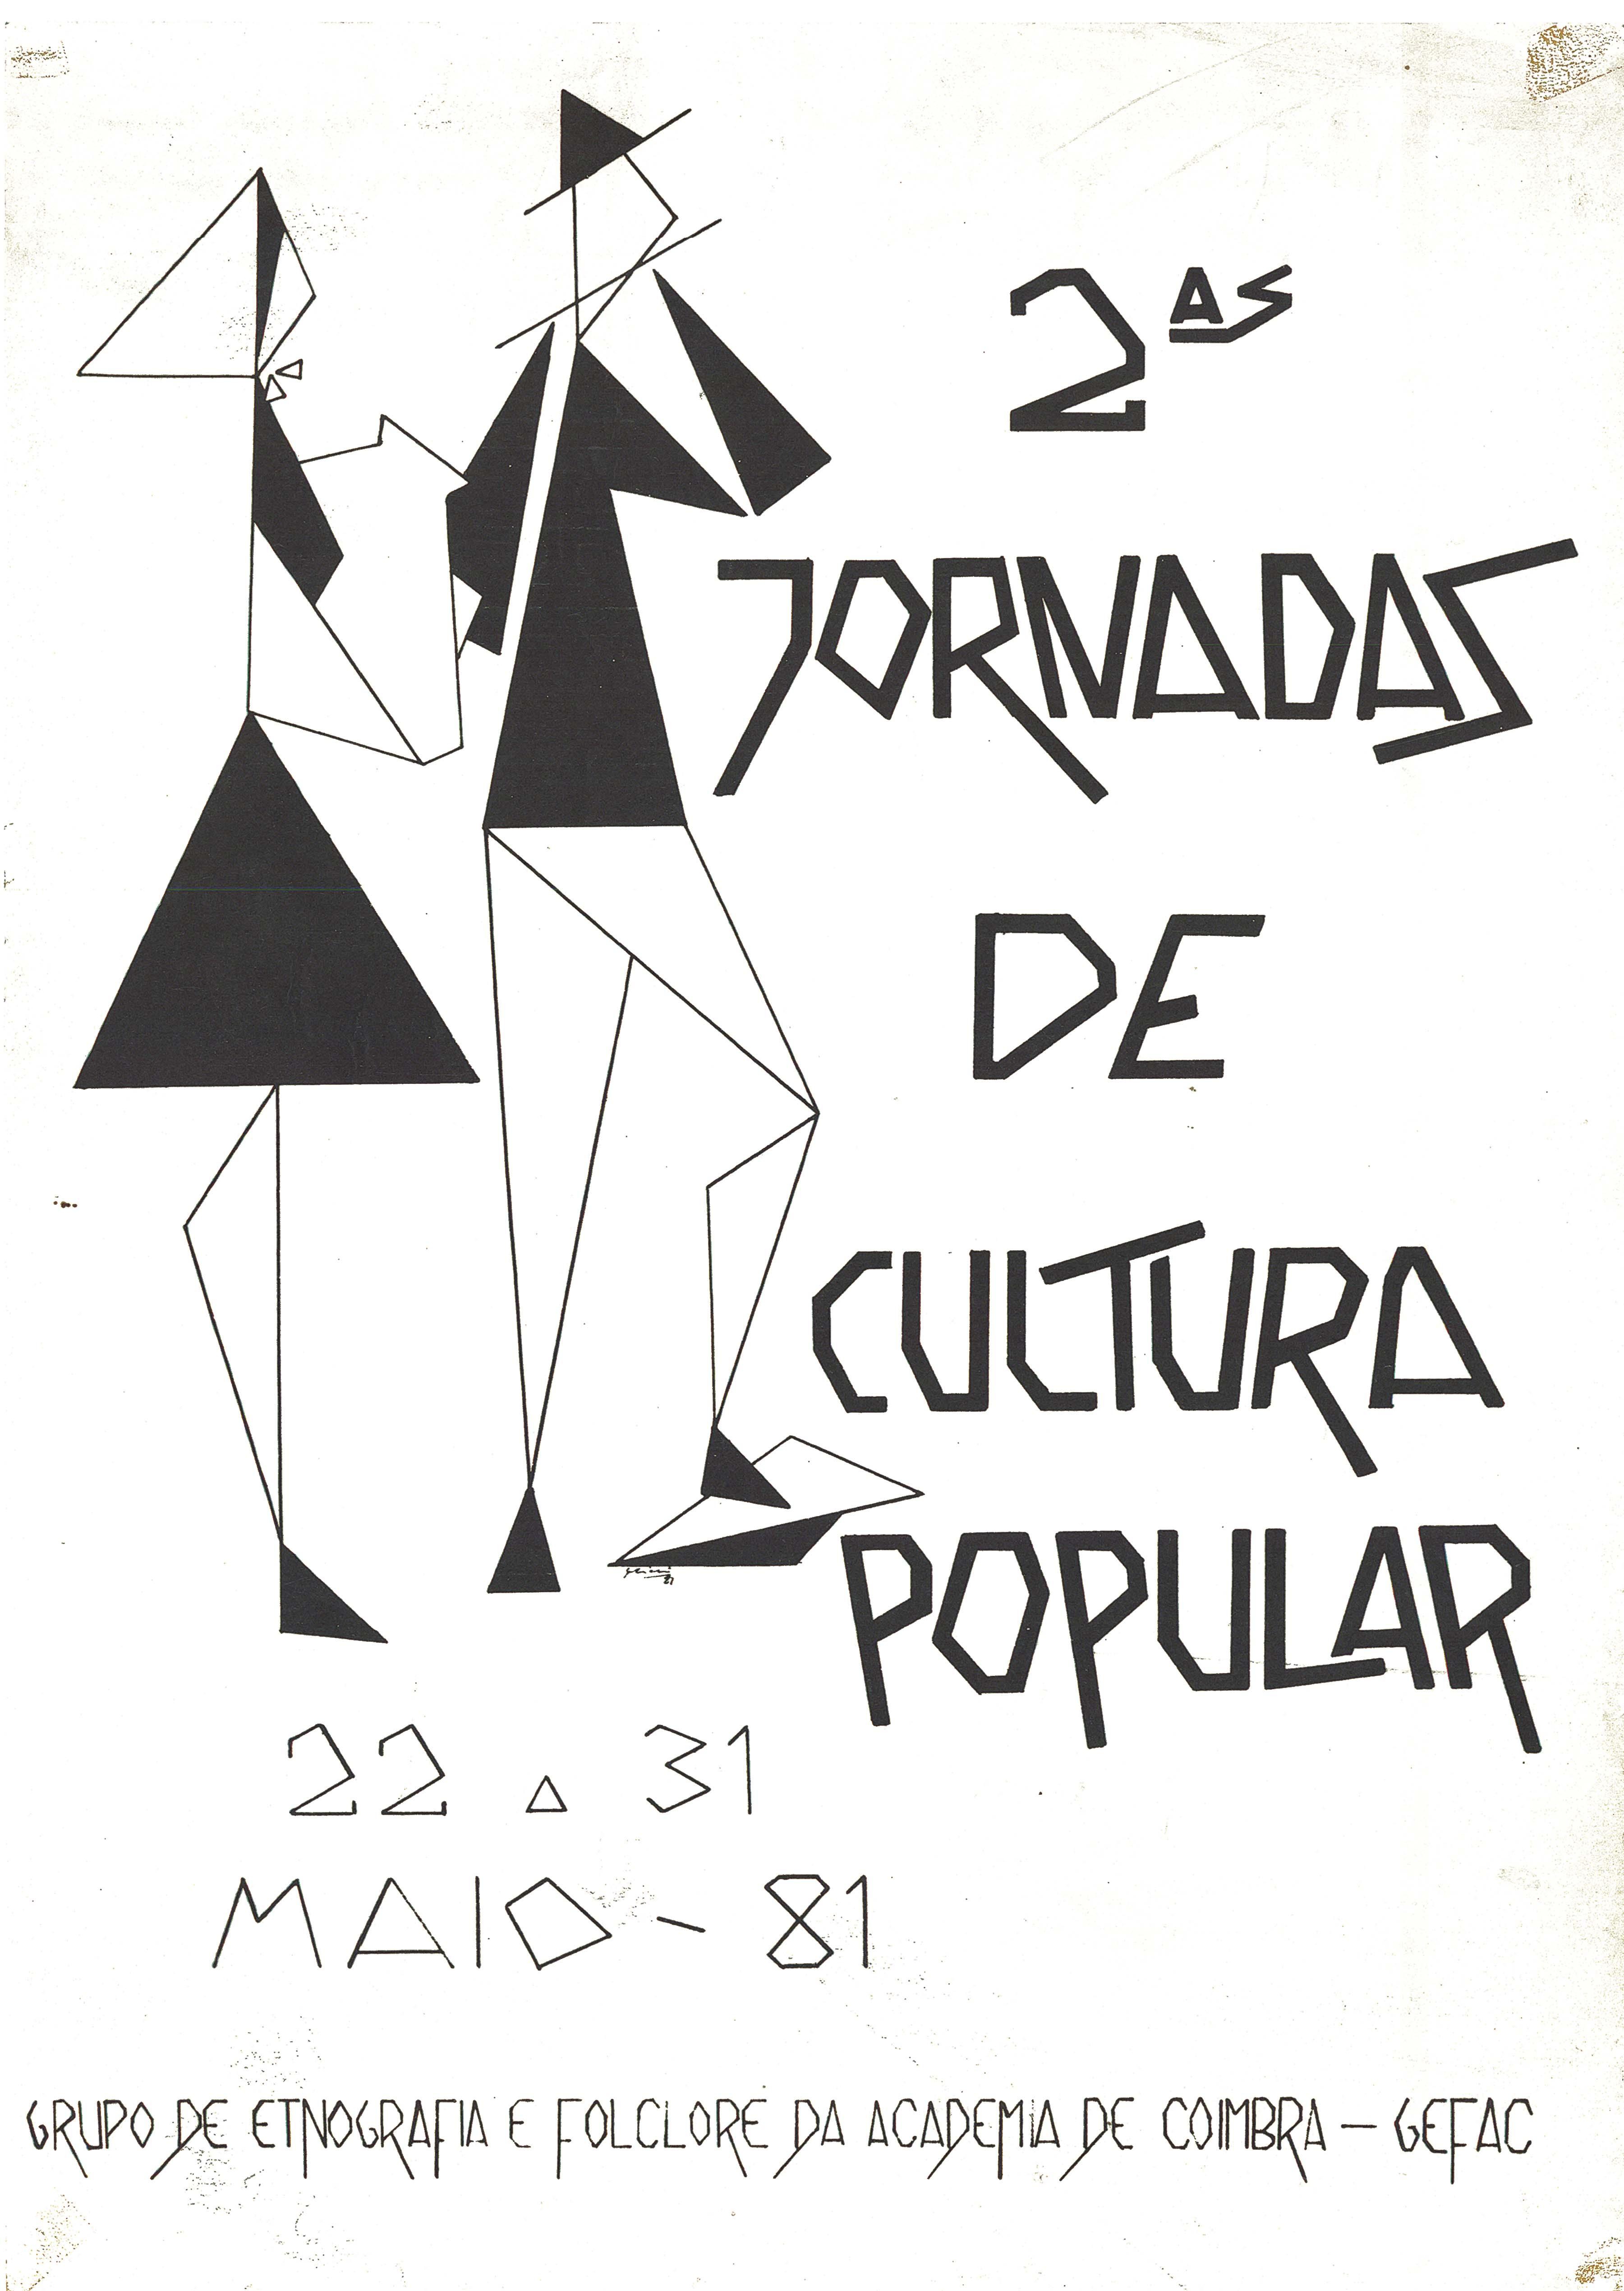 1981_05_22 a 31 _ II Jornadas de Cultura Popular